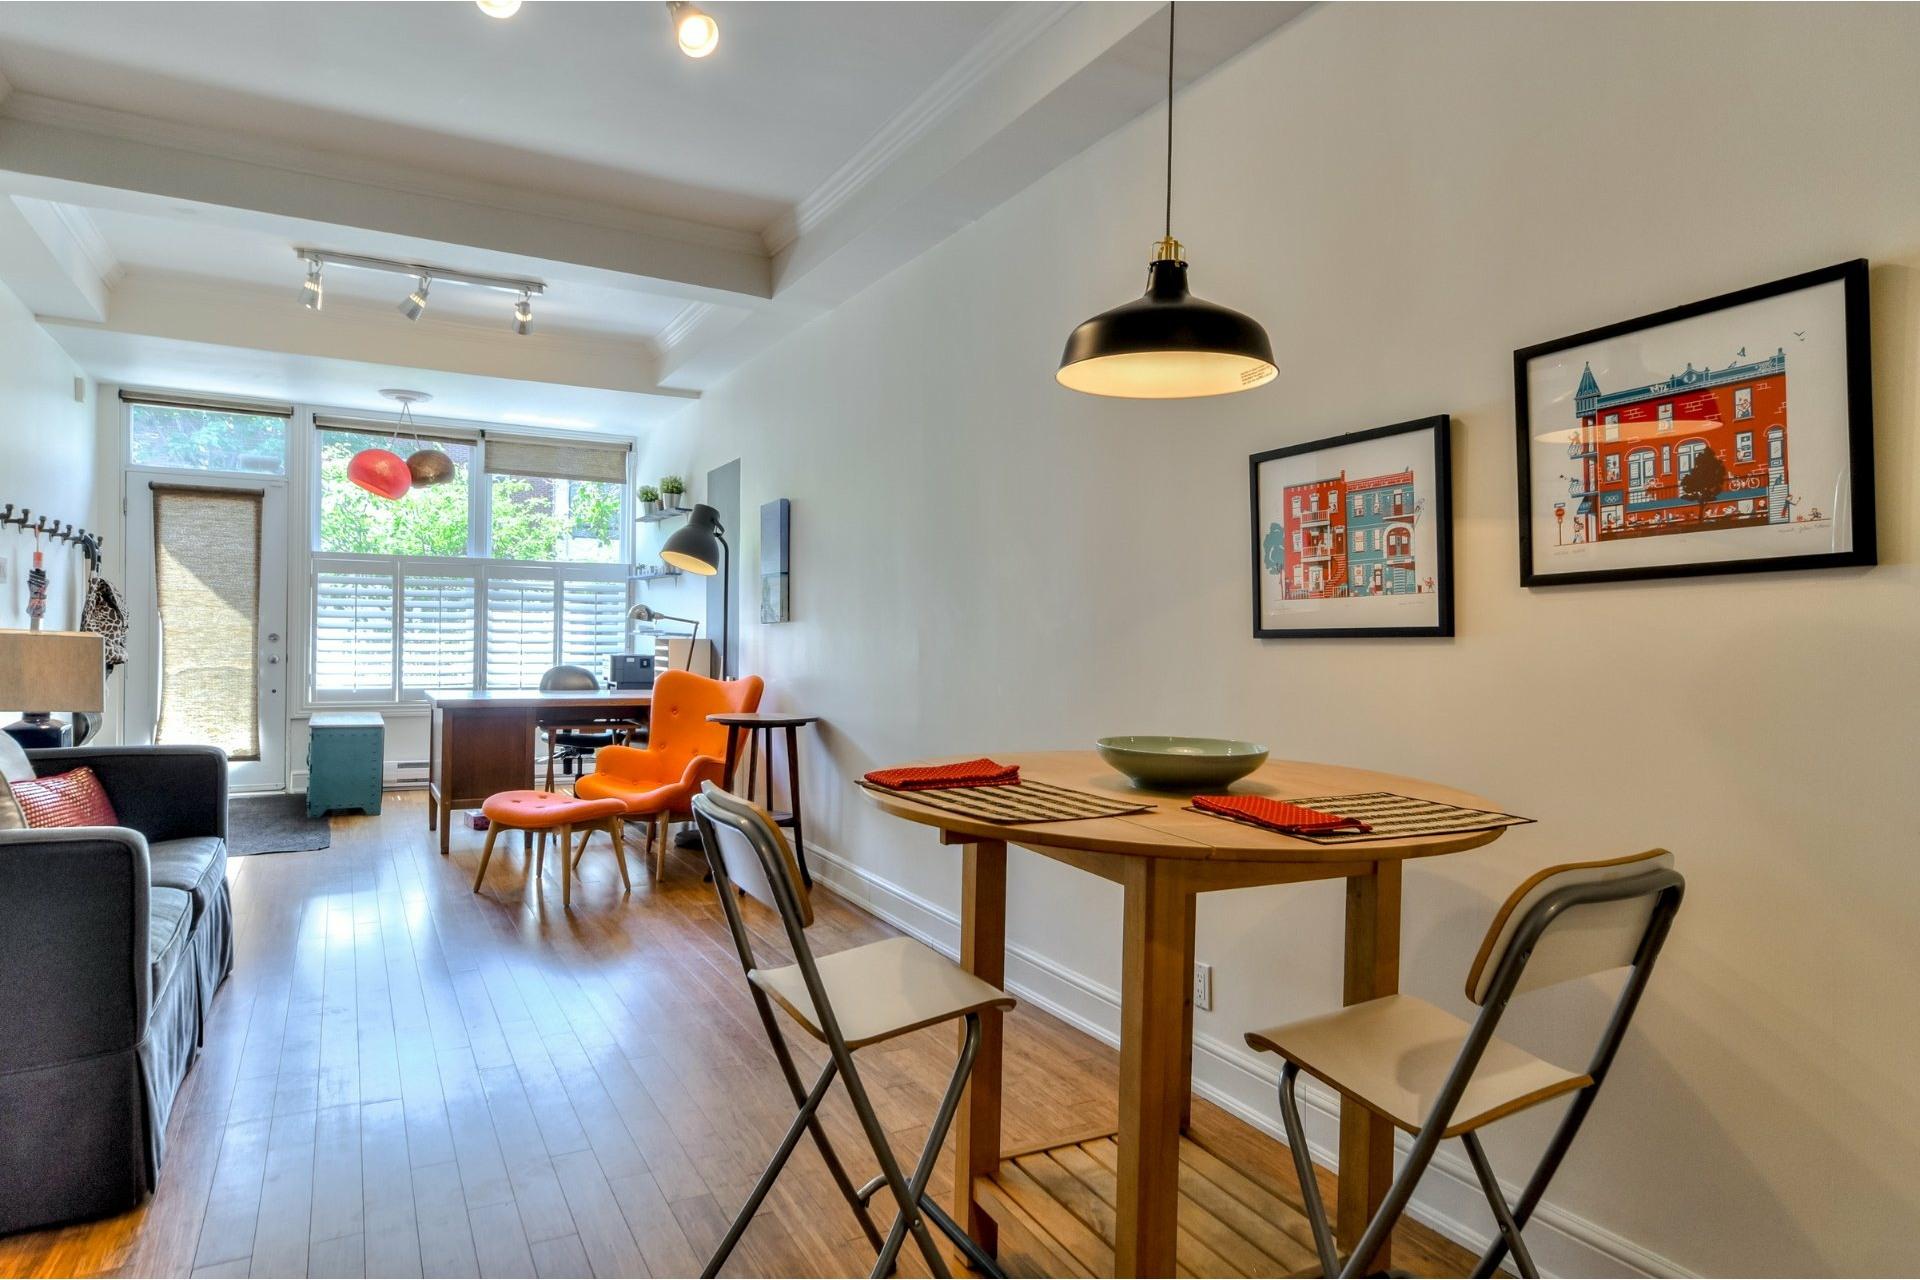 image 1 - Apartment For sale Le Plateau-Mont-Royal Montréal  - 5 rooms